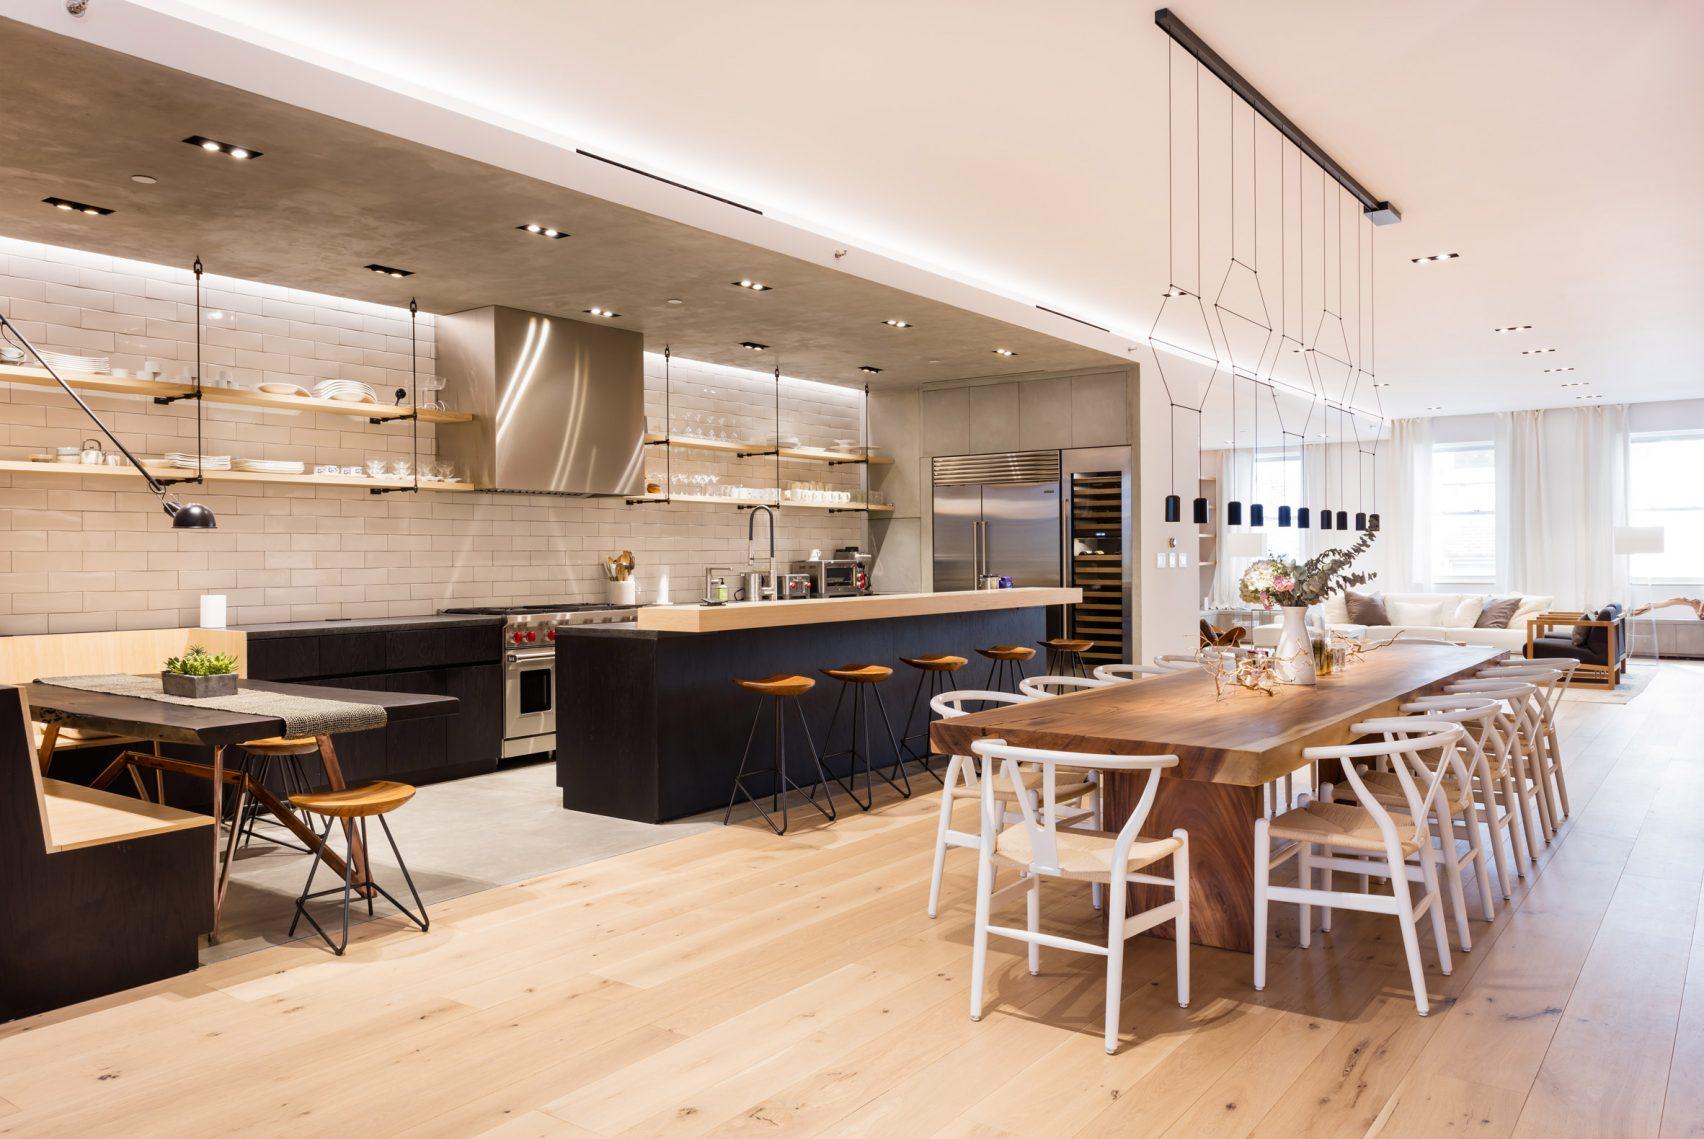 El lujoso apartamento de Raad Studio a partir de dos lofts